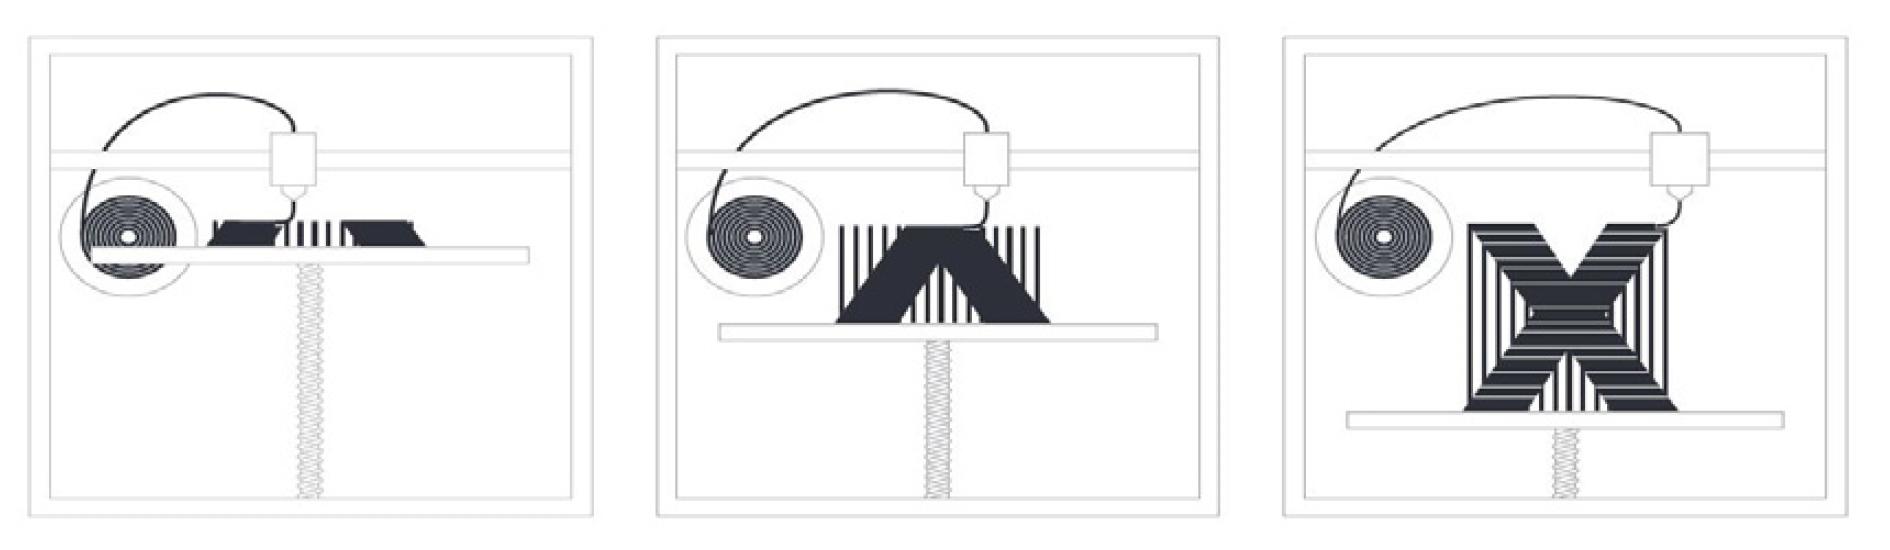 FFF (Fused Filament Fabrication)